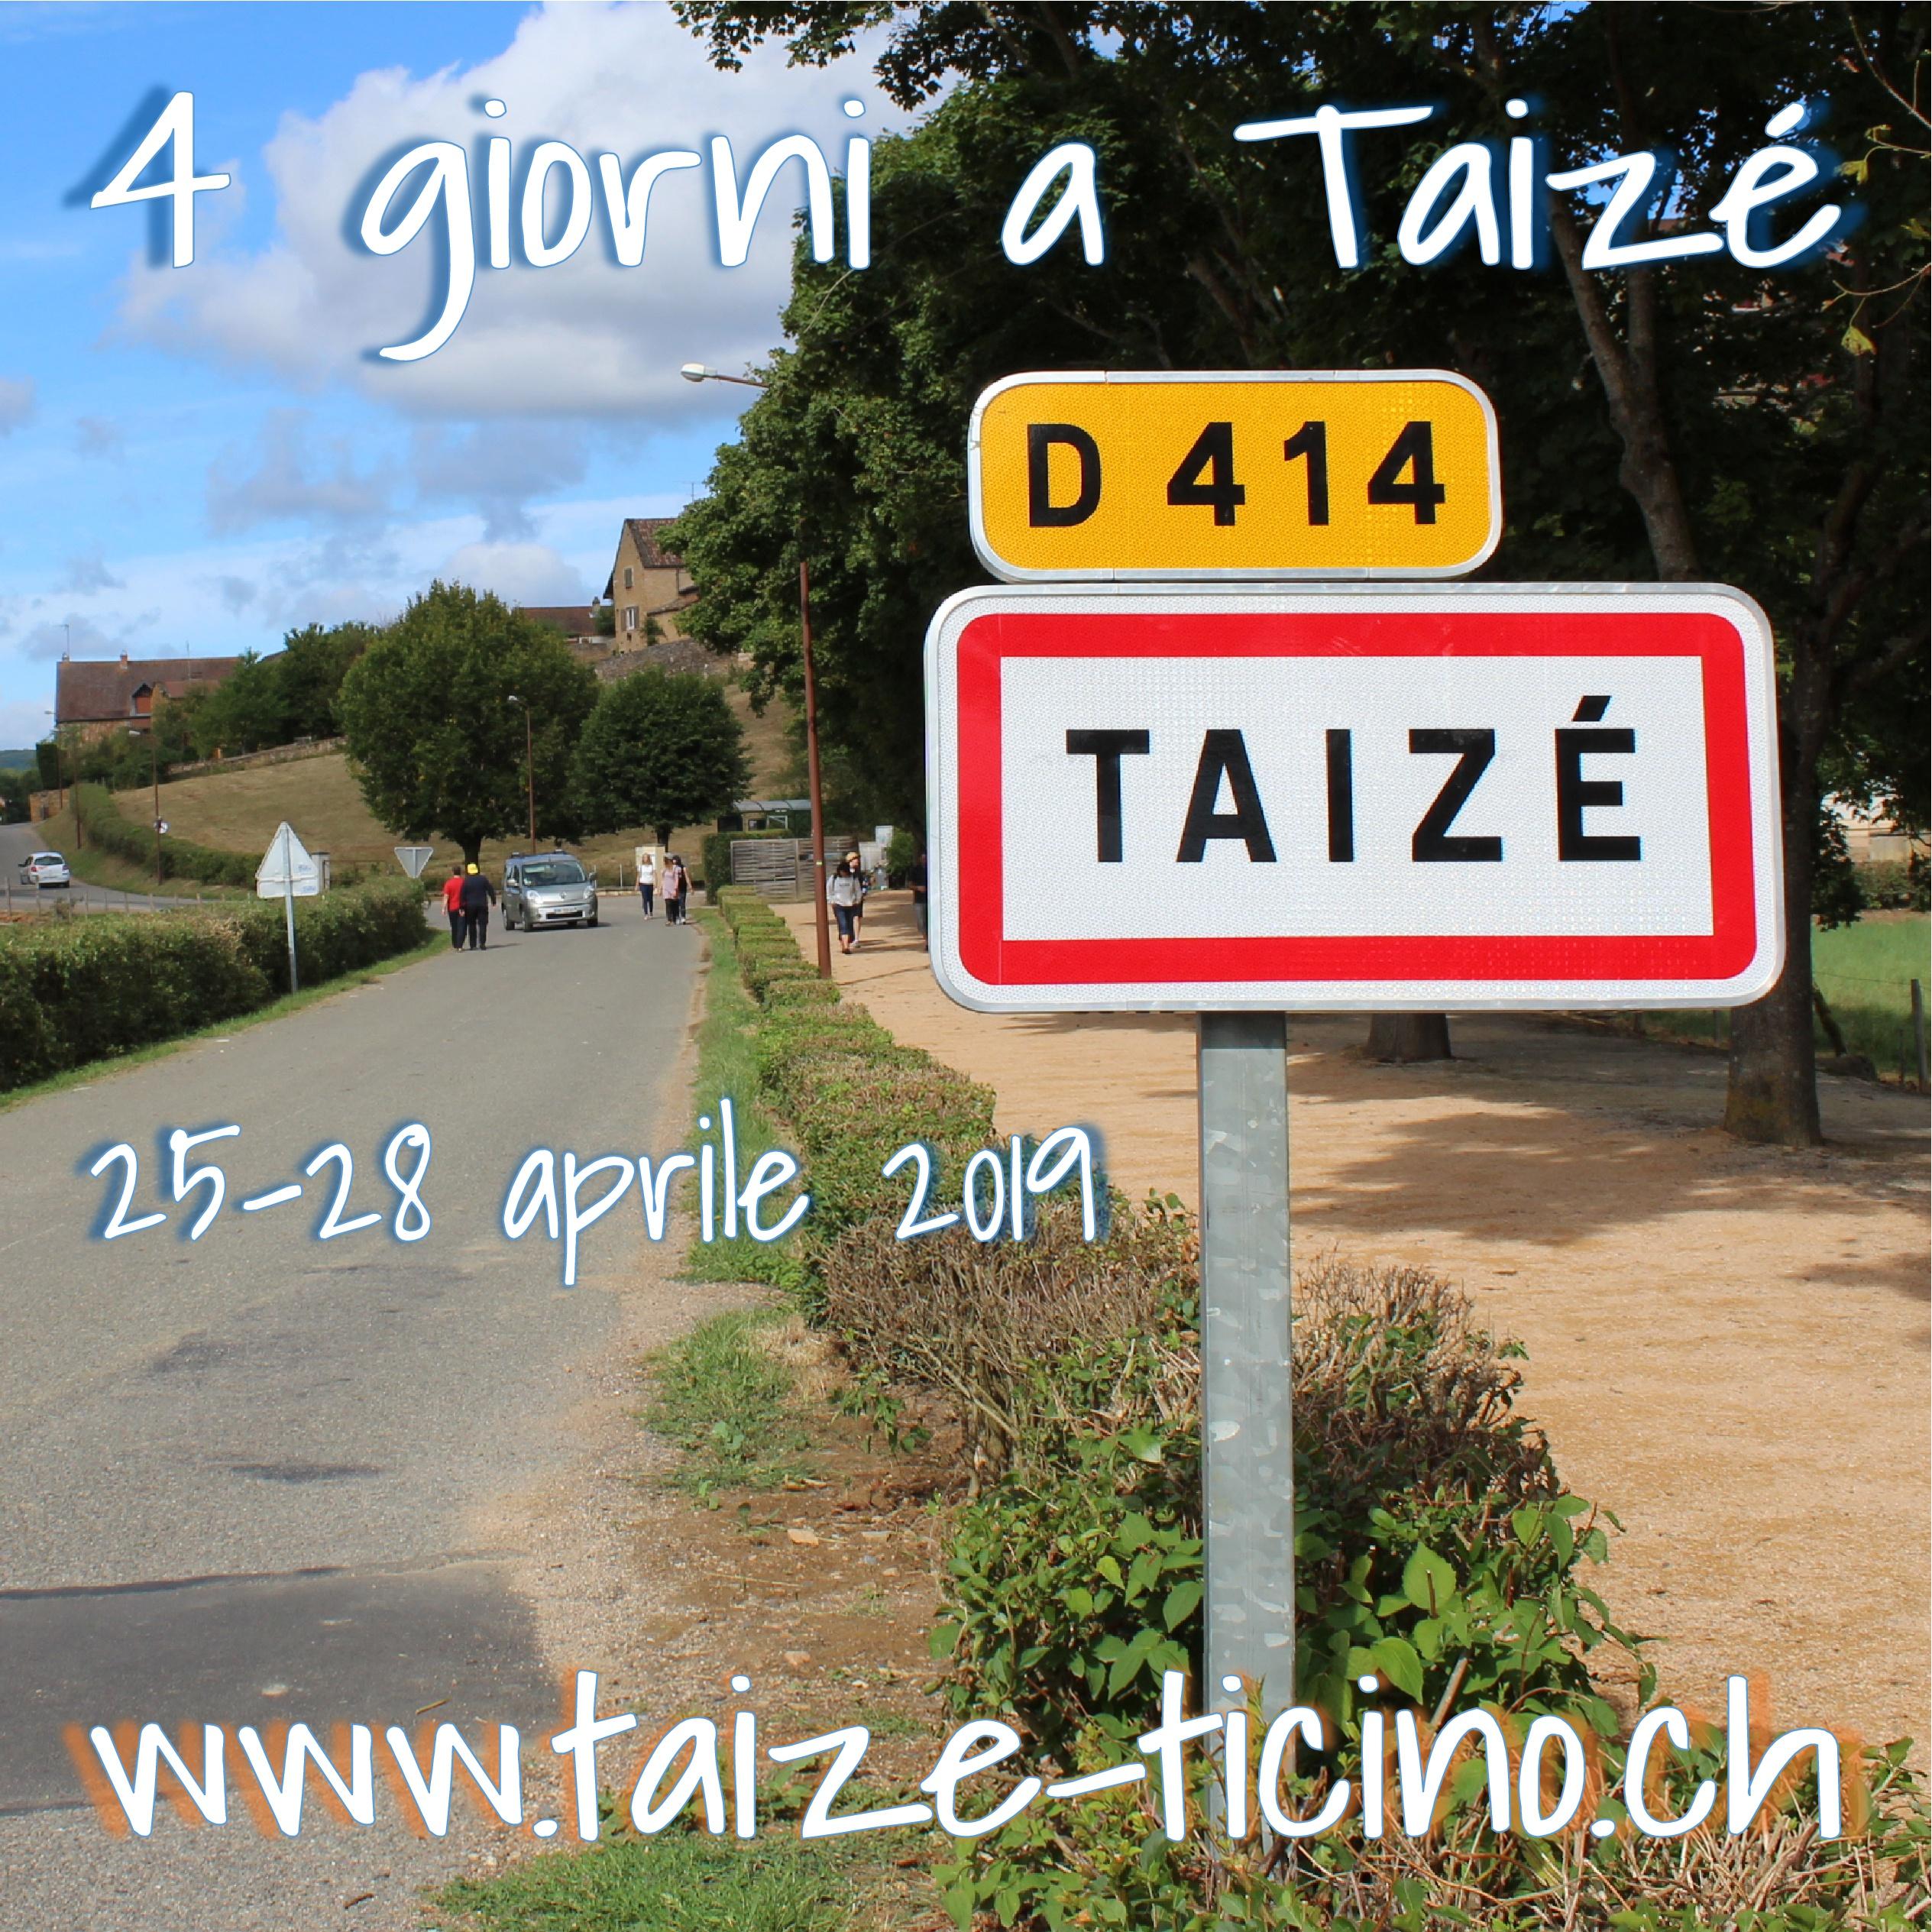 taize-001